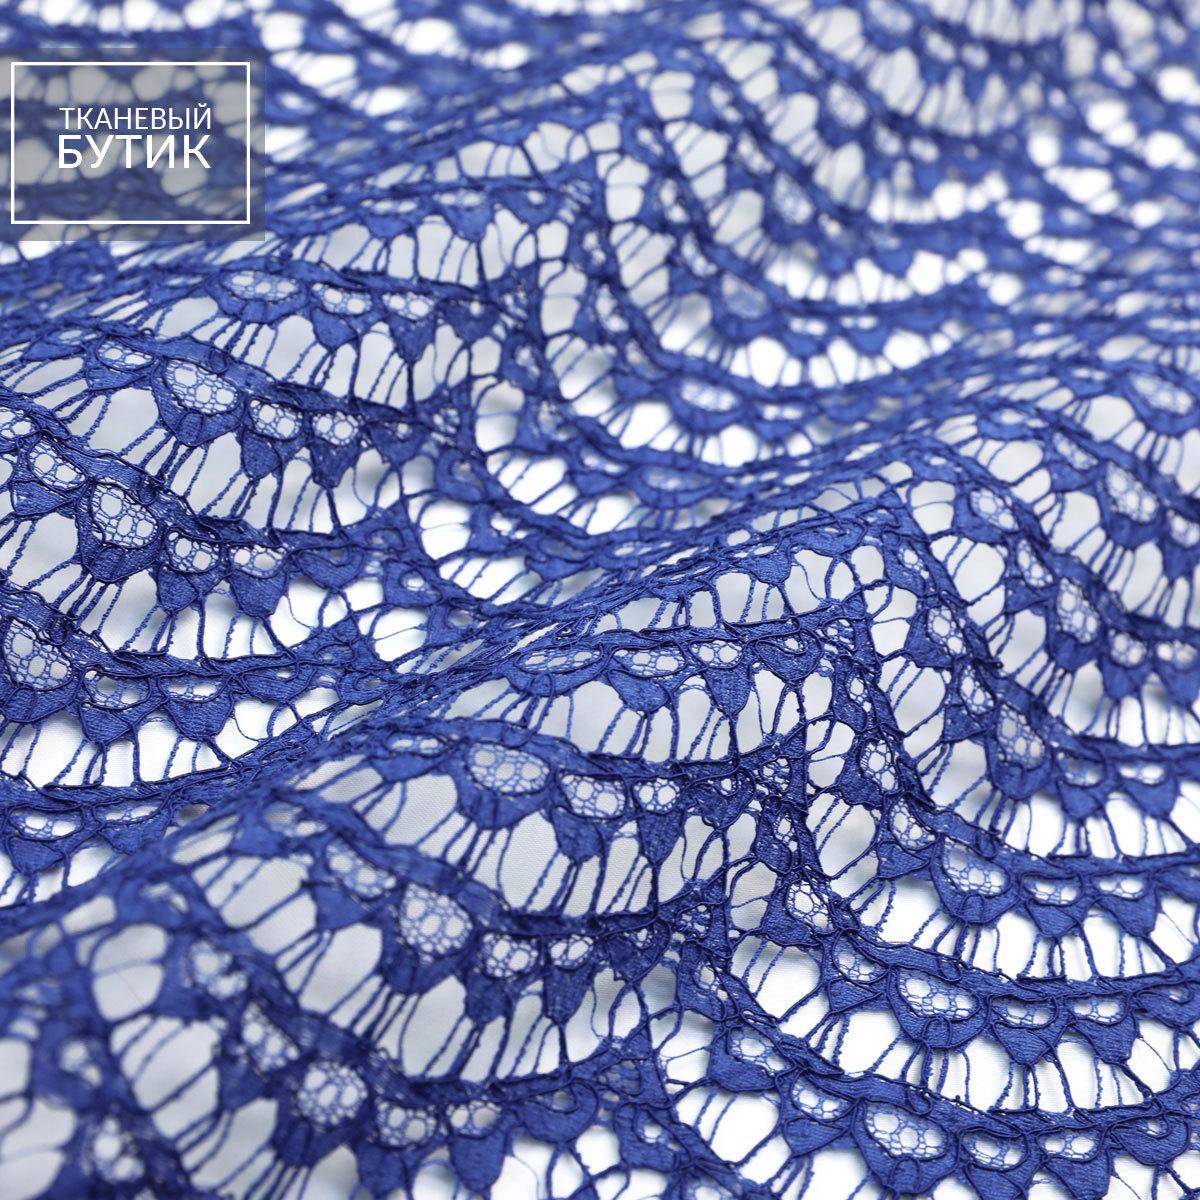 Синее французское кордовое кружево с продольными фестонами